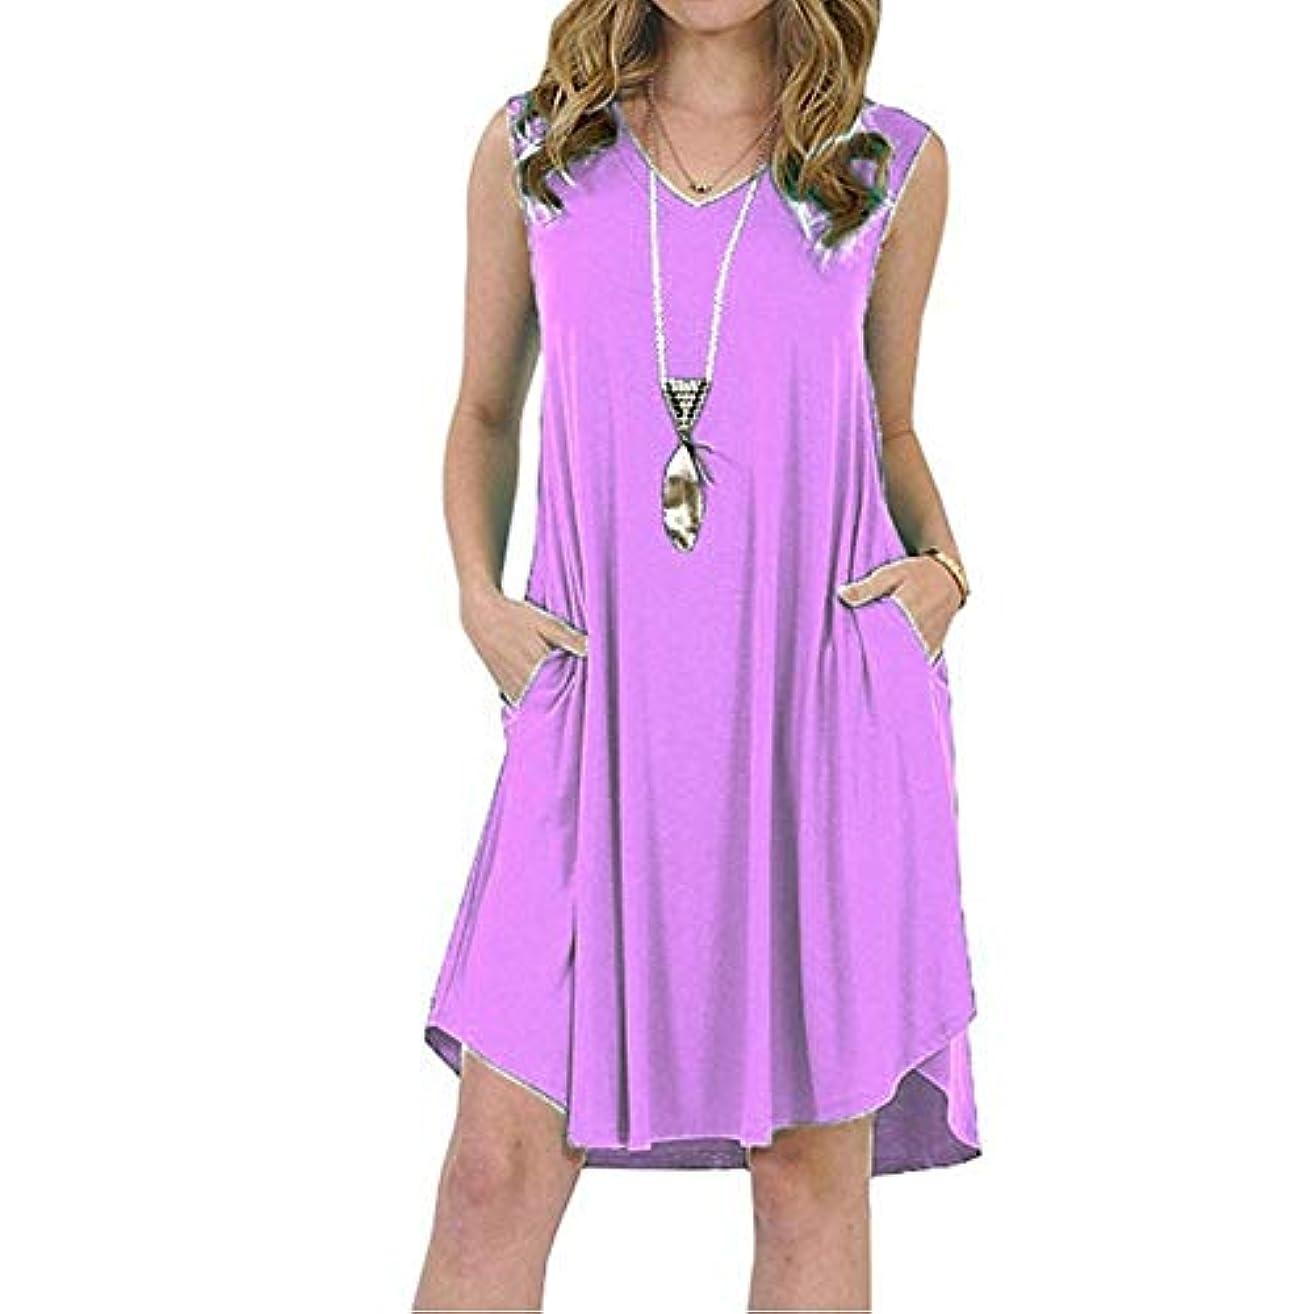 スツール助けて滝MIFAN の女性のドレスカジュアルな不規則なドレスルースサマービーチTシャツドレス